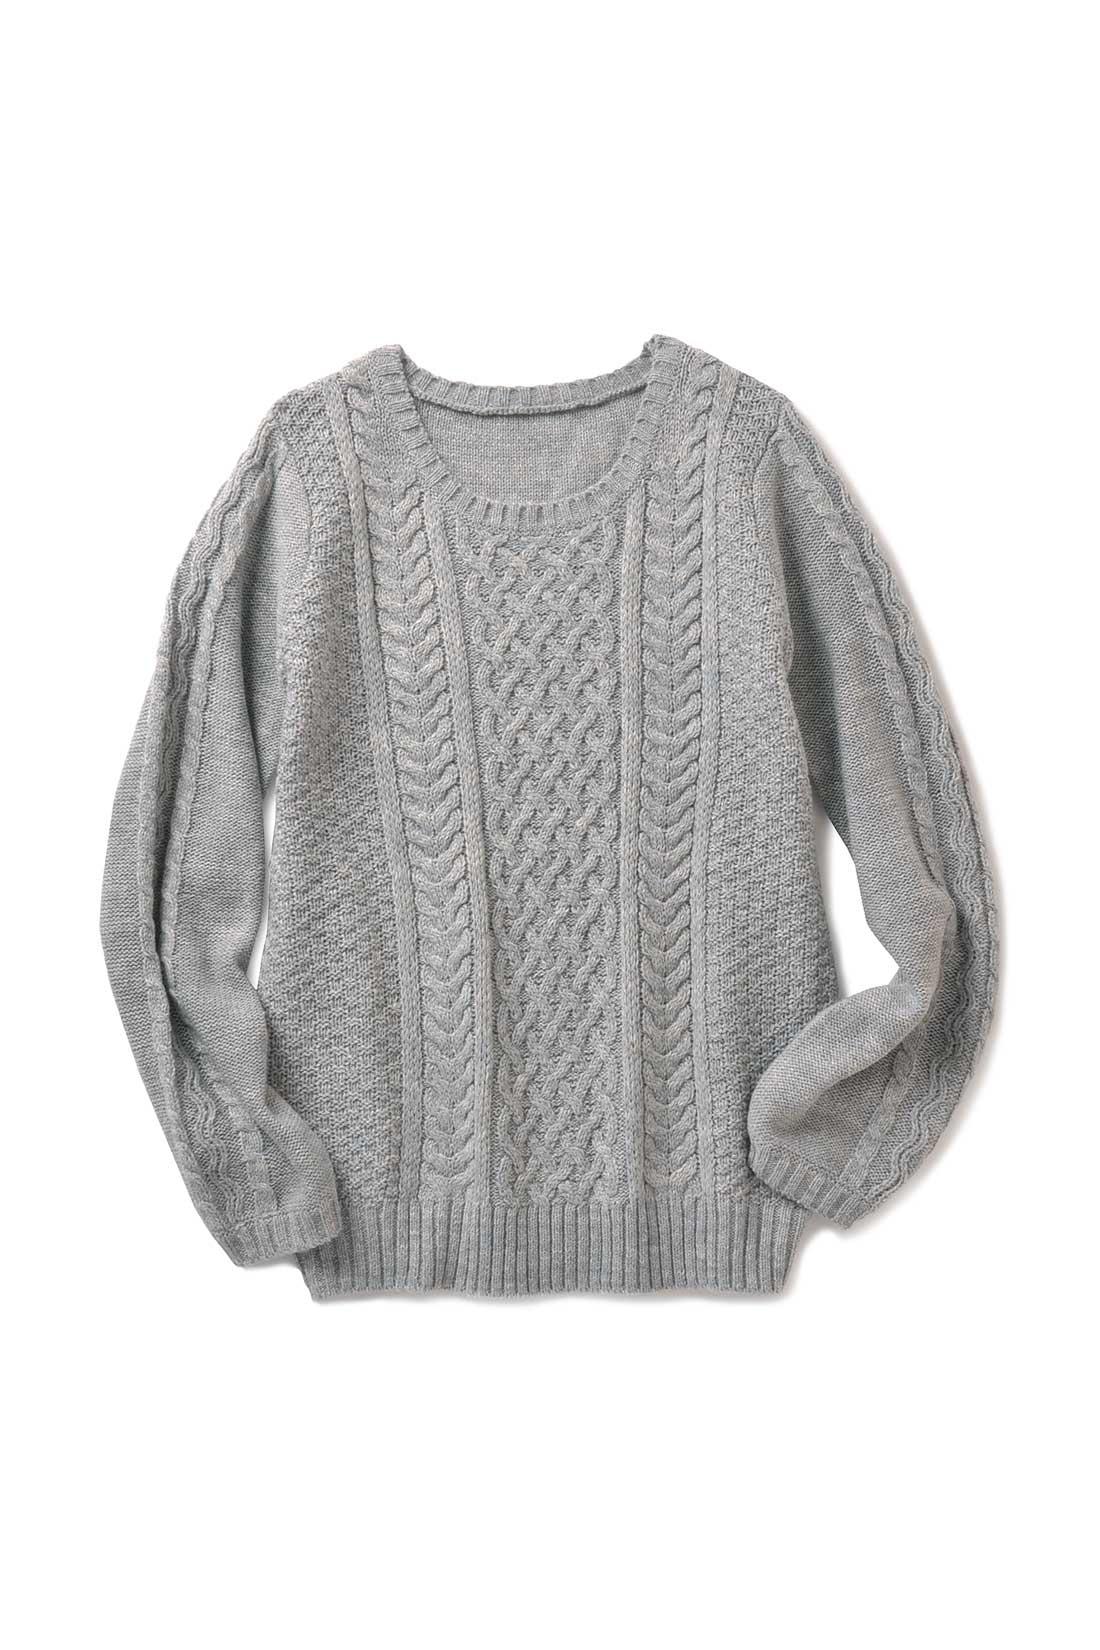 バックスタイルはプレーンな裏編みですっきり。